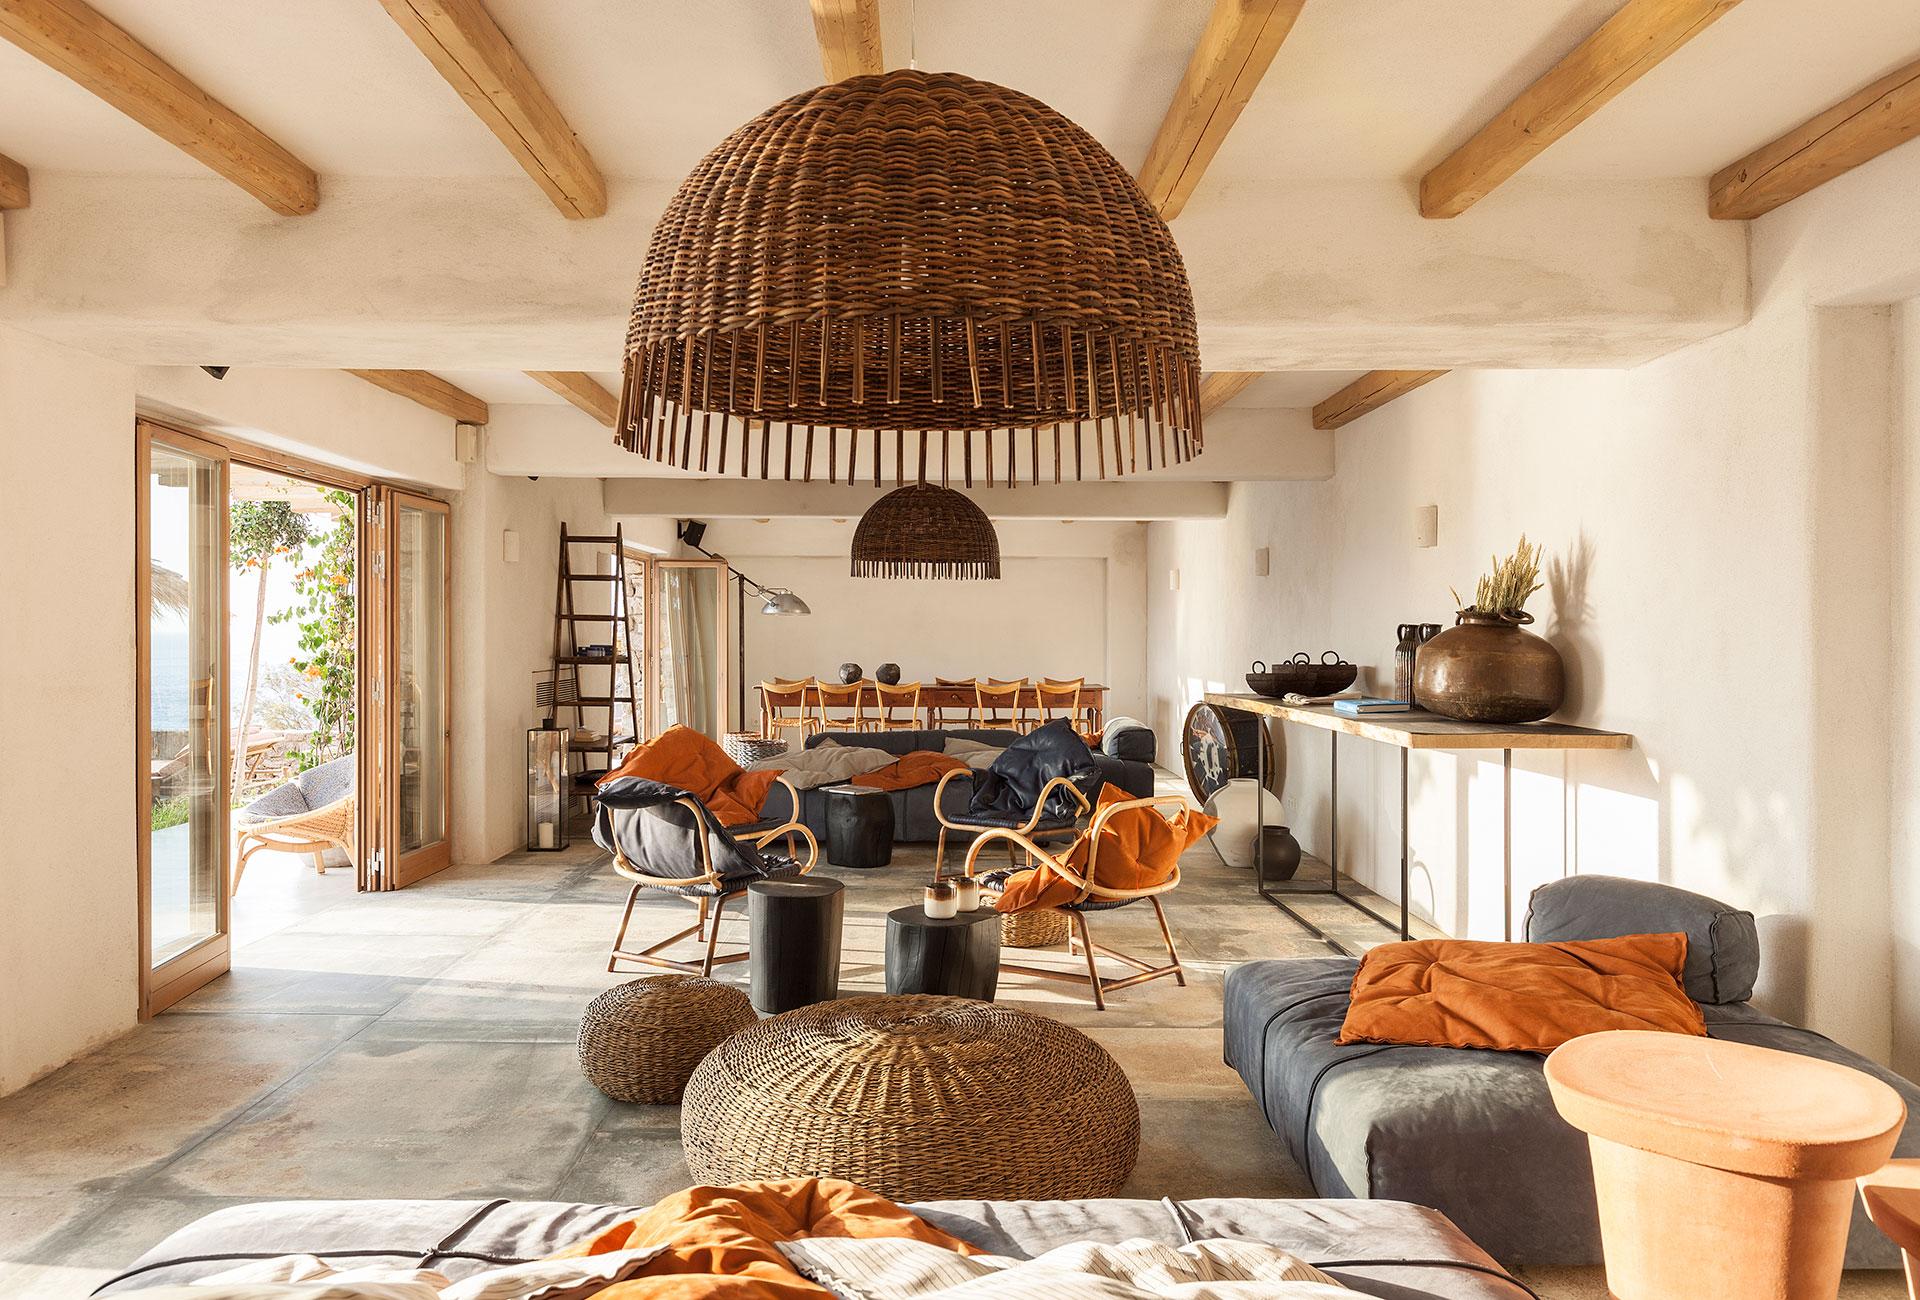 THE WILD HOTEL | MYKONOS